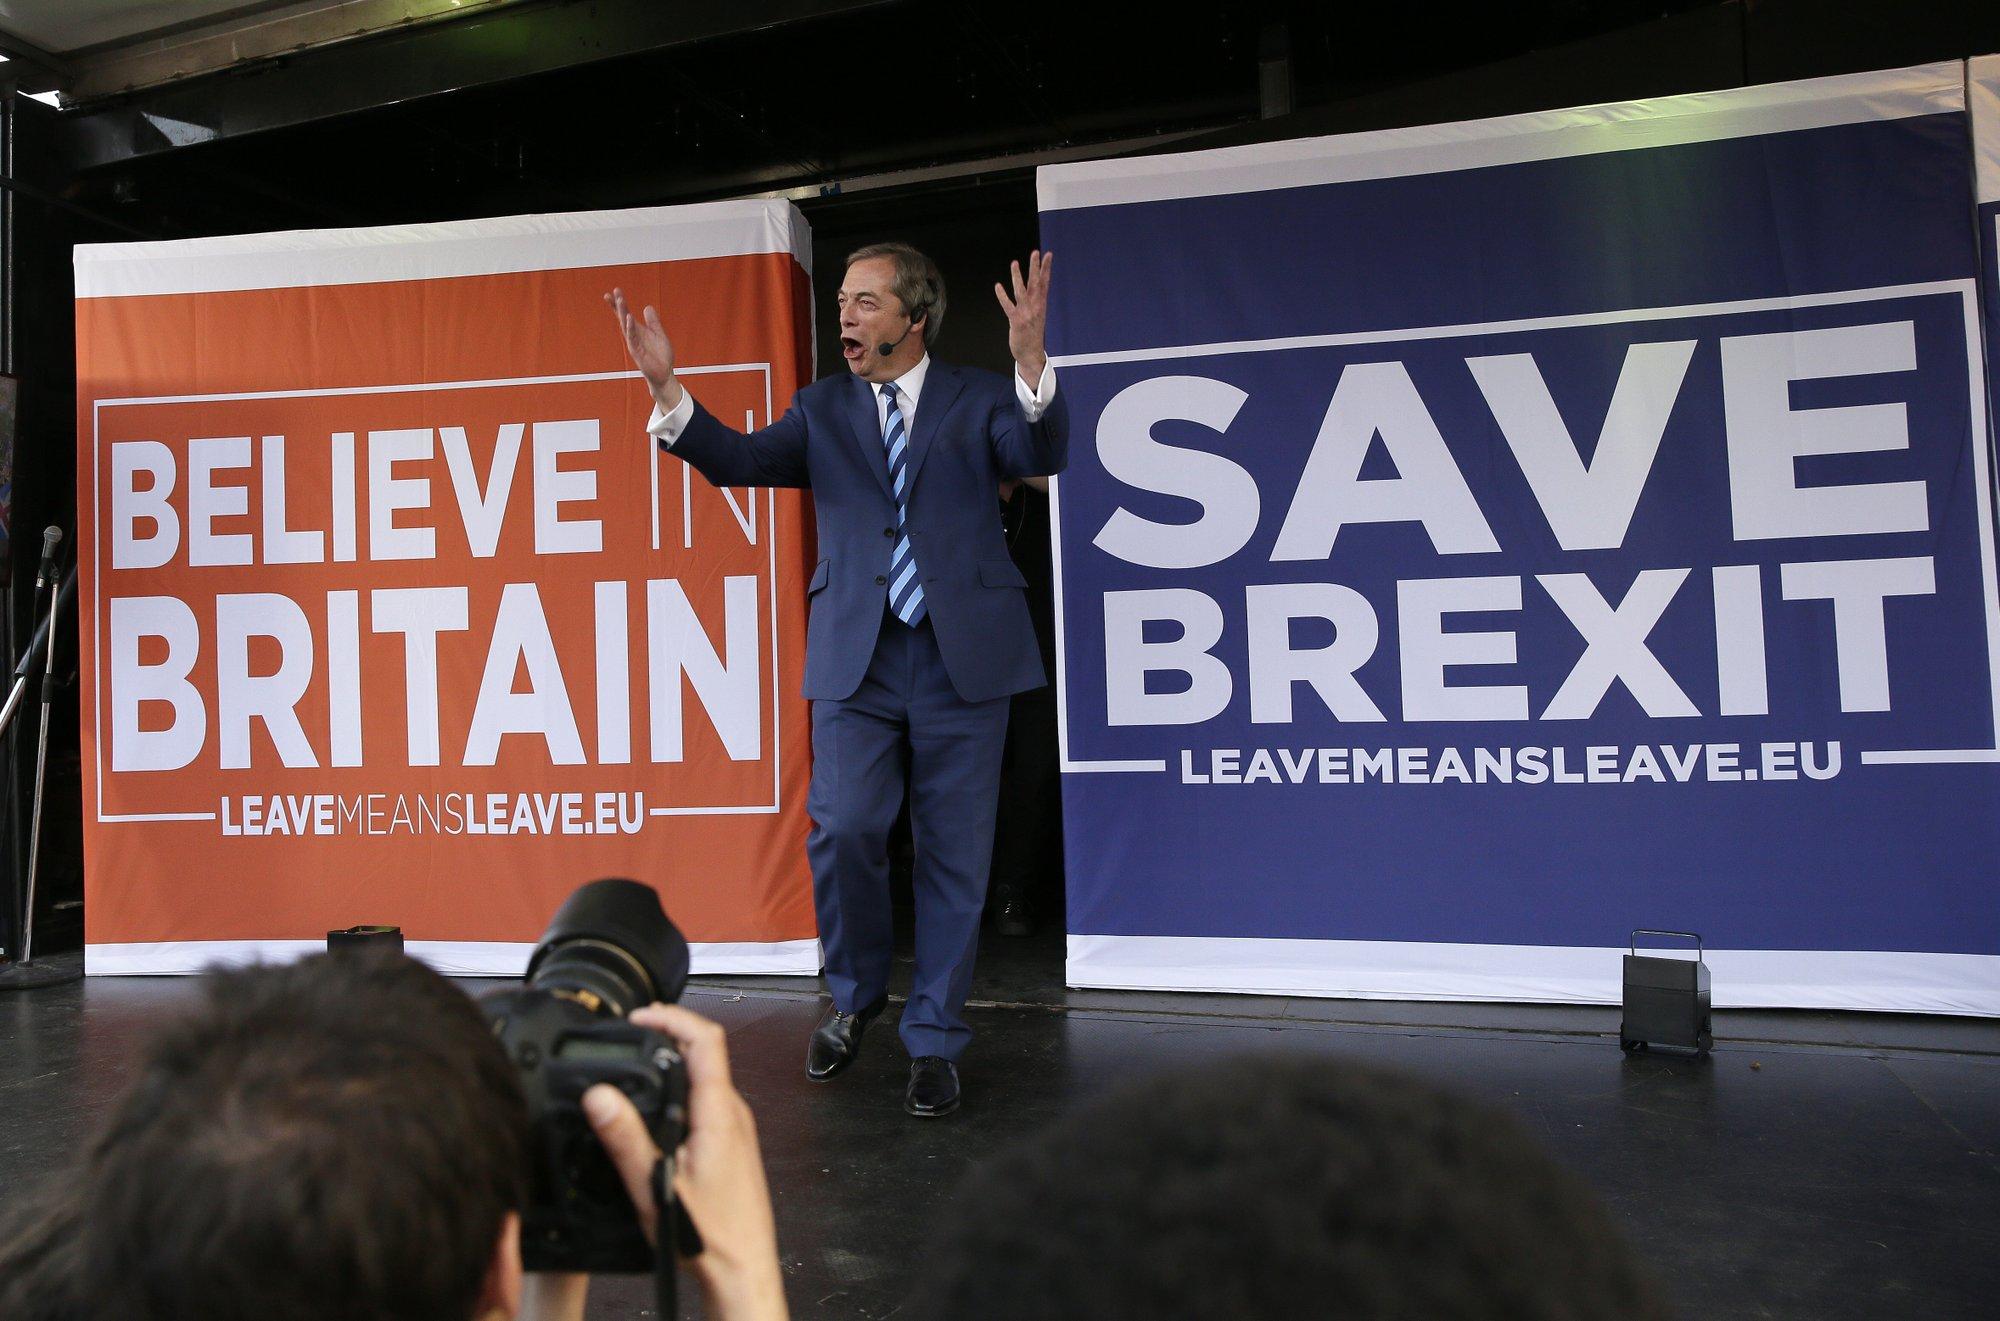 UK lawmakers again reject Brexit deal